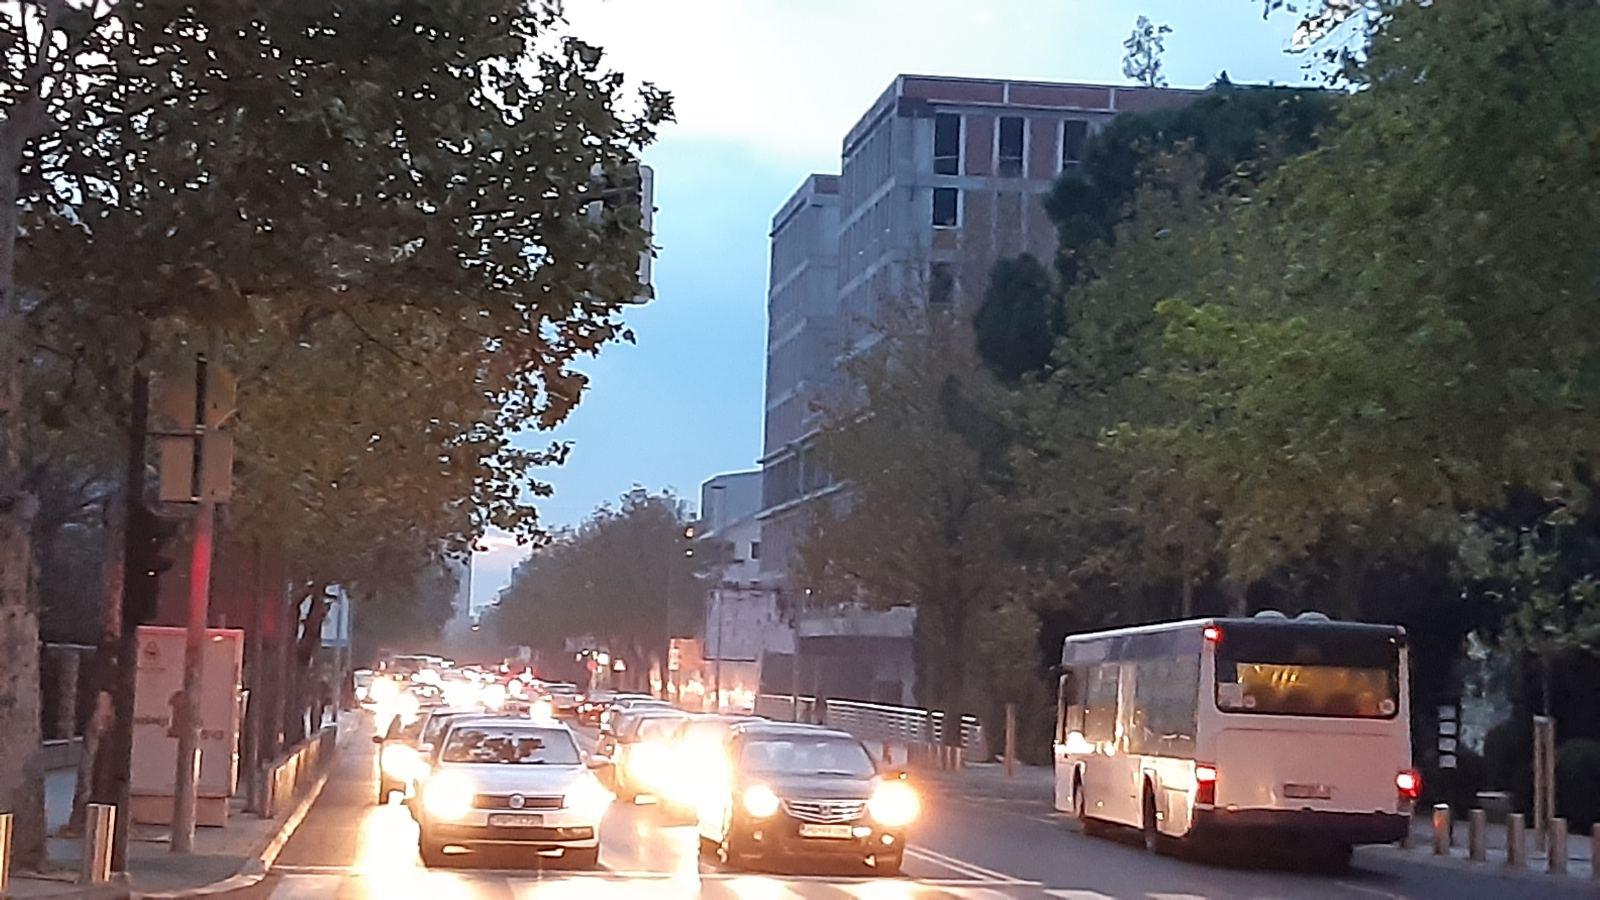 Pojačane kontrole nepropisnog zaustavljanja i parkiranja zbog povećane gužve u saobraćaju